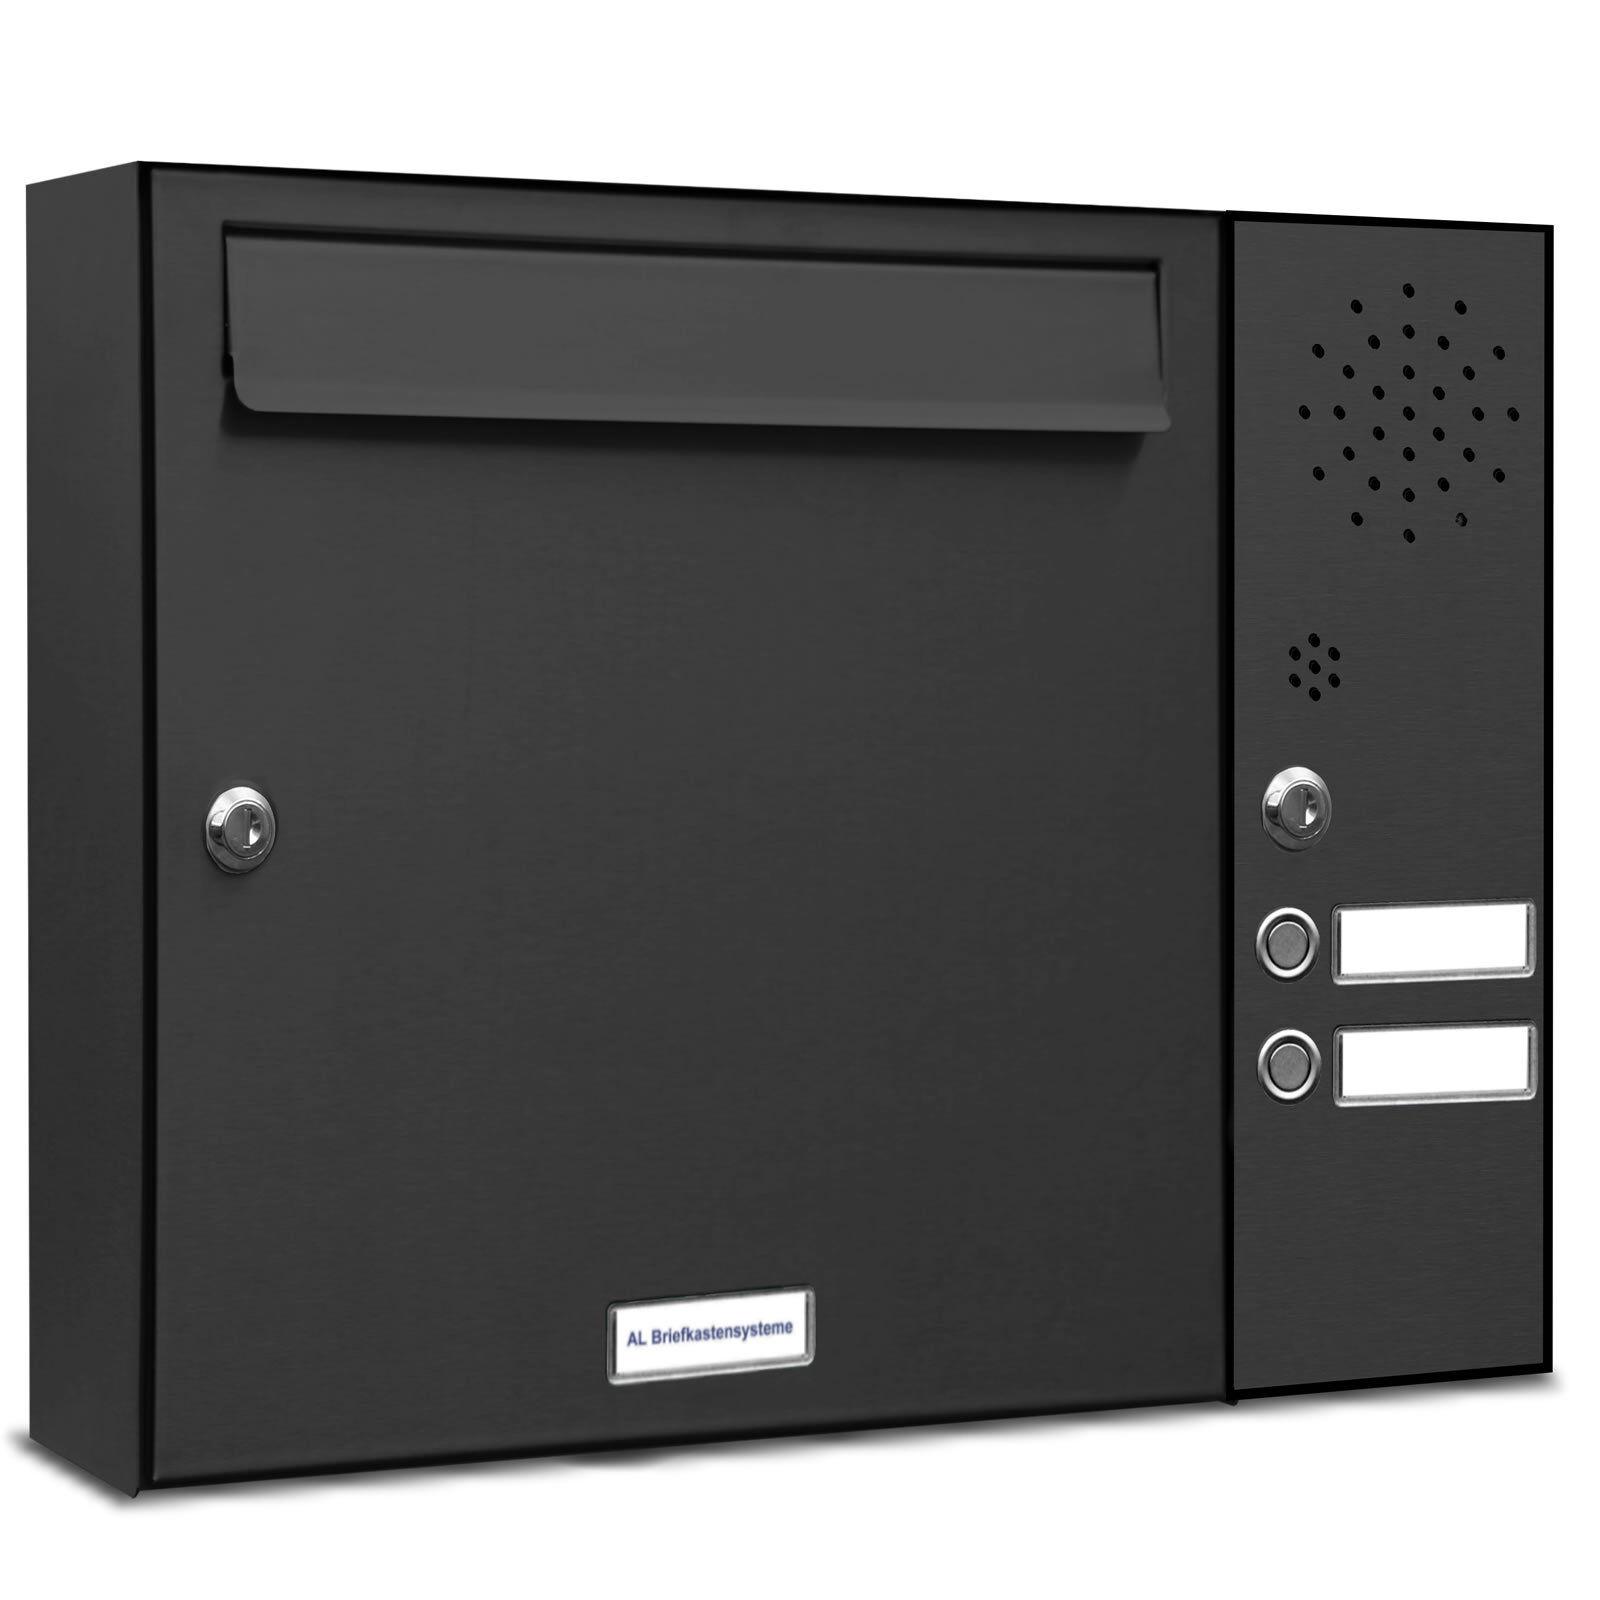 1 er Premium Wand Briefkasten Anlage 2 Klingeln Postkasten RAL 7016 anthrazit A4